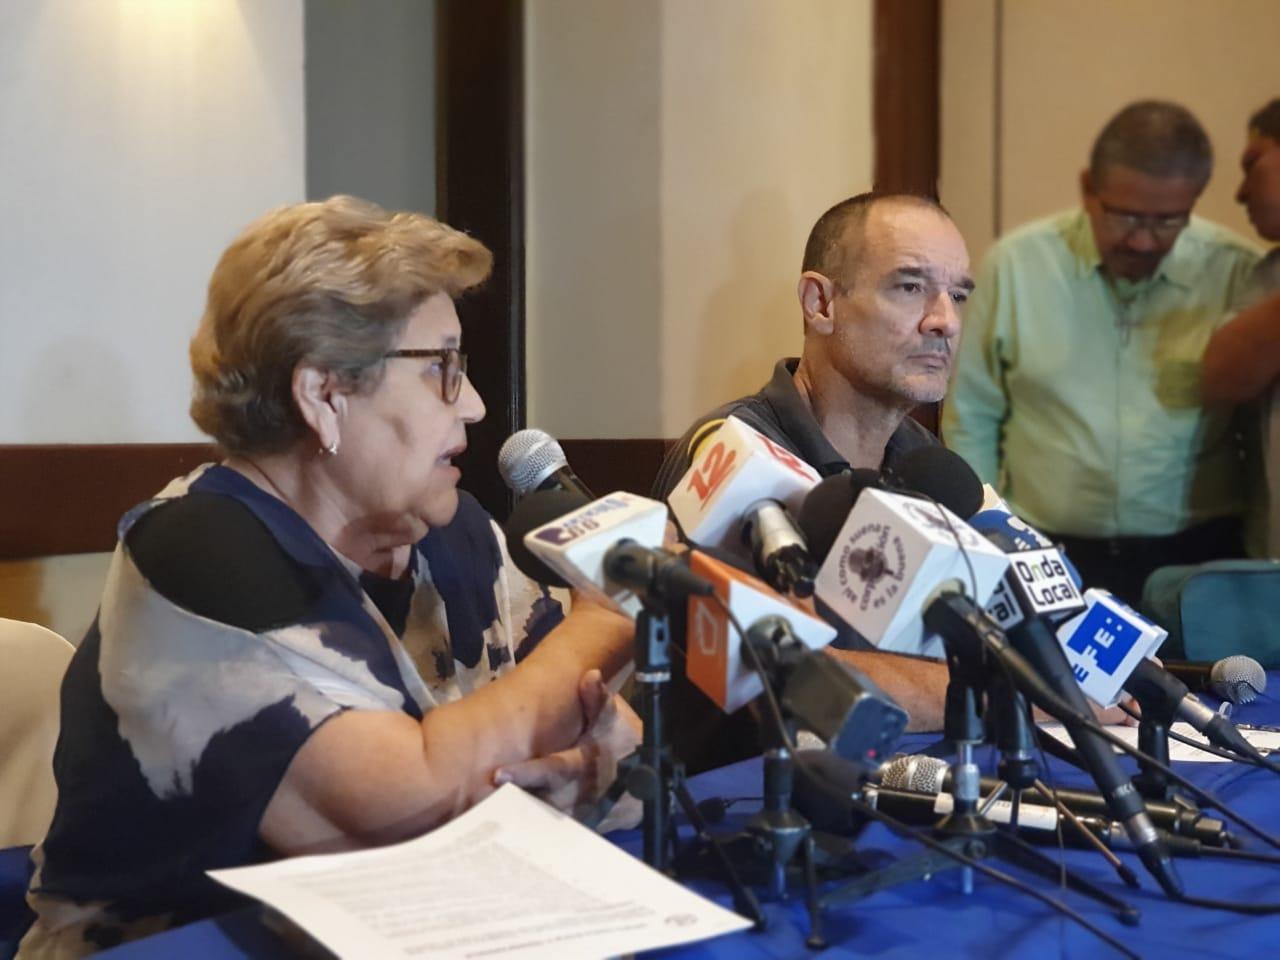 Ética y Transparencia pide a la Asamblea Nacional ser incluida en la discusión de reformas electorales. Foto: Álvaro Navarro/Artículo 66